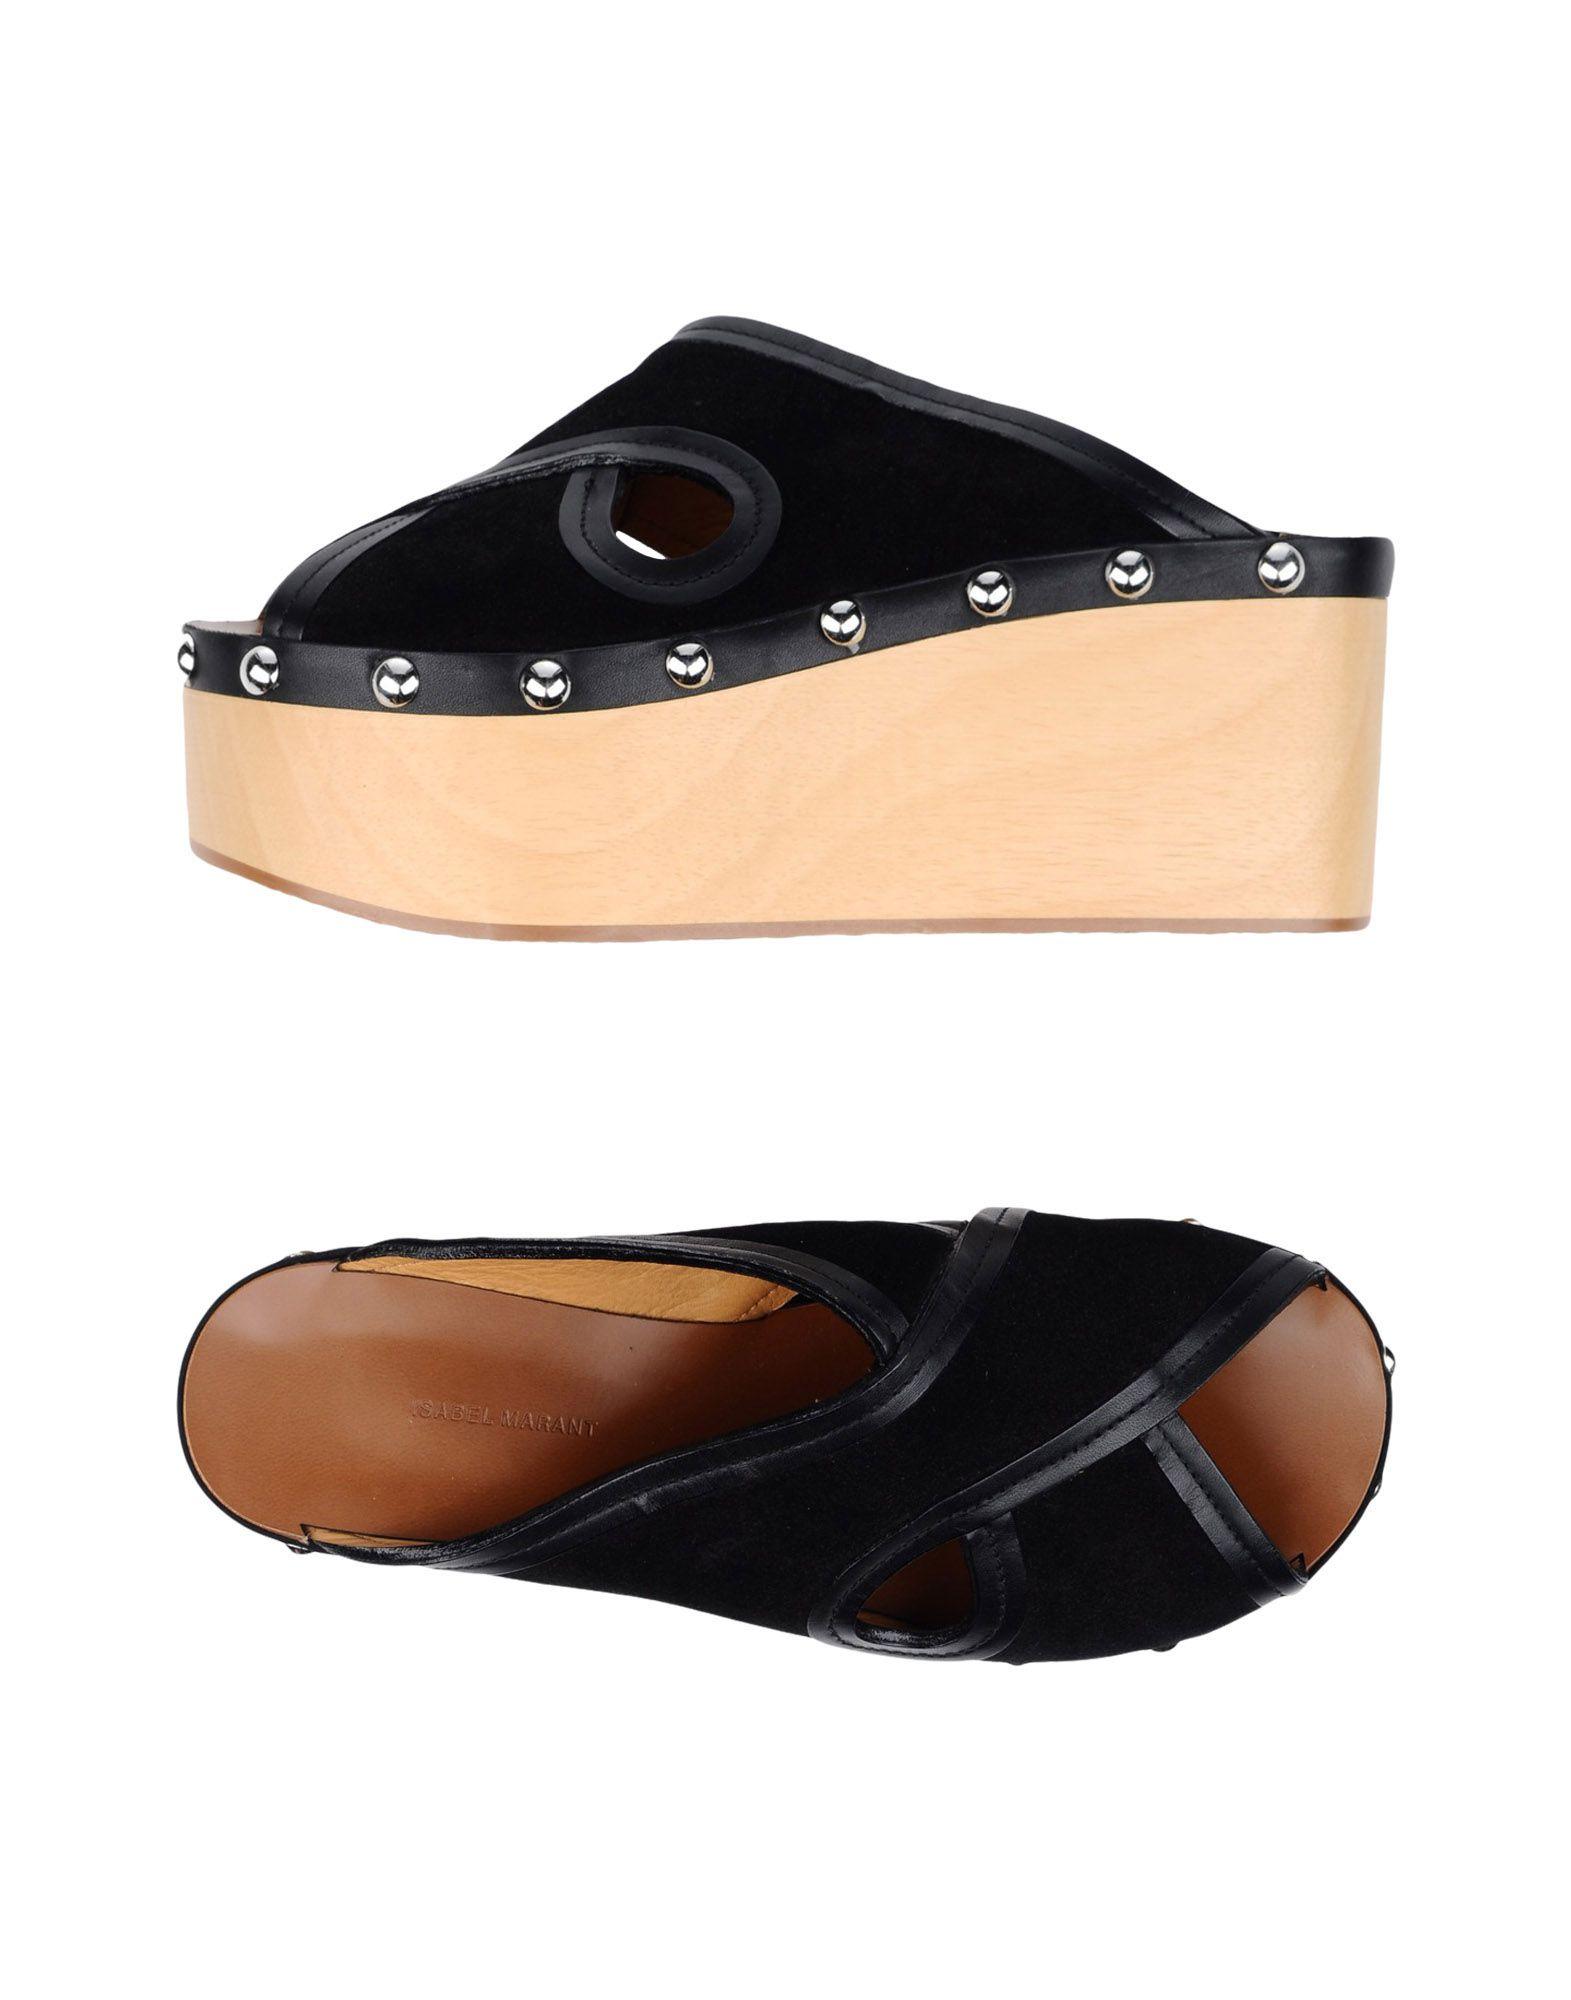 Isabel Marant Pantoletten Damen  11364946QEGut aussehende strapazierfähige Schuhe